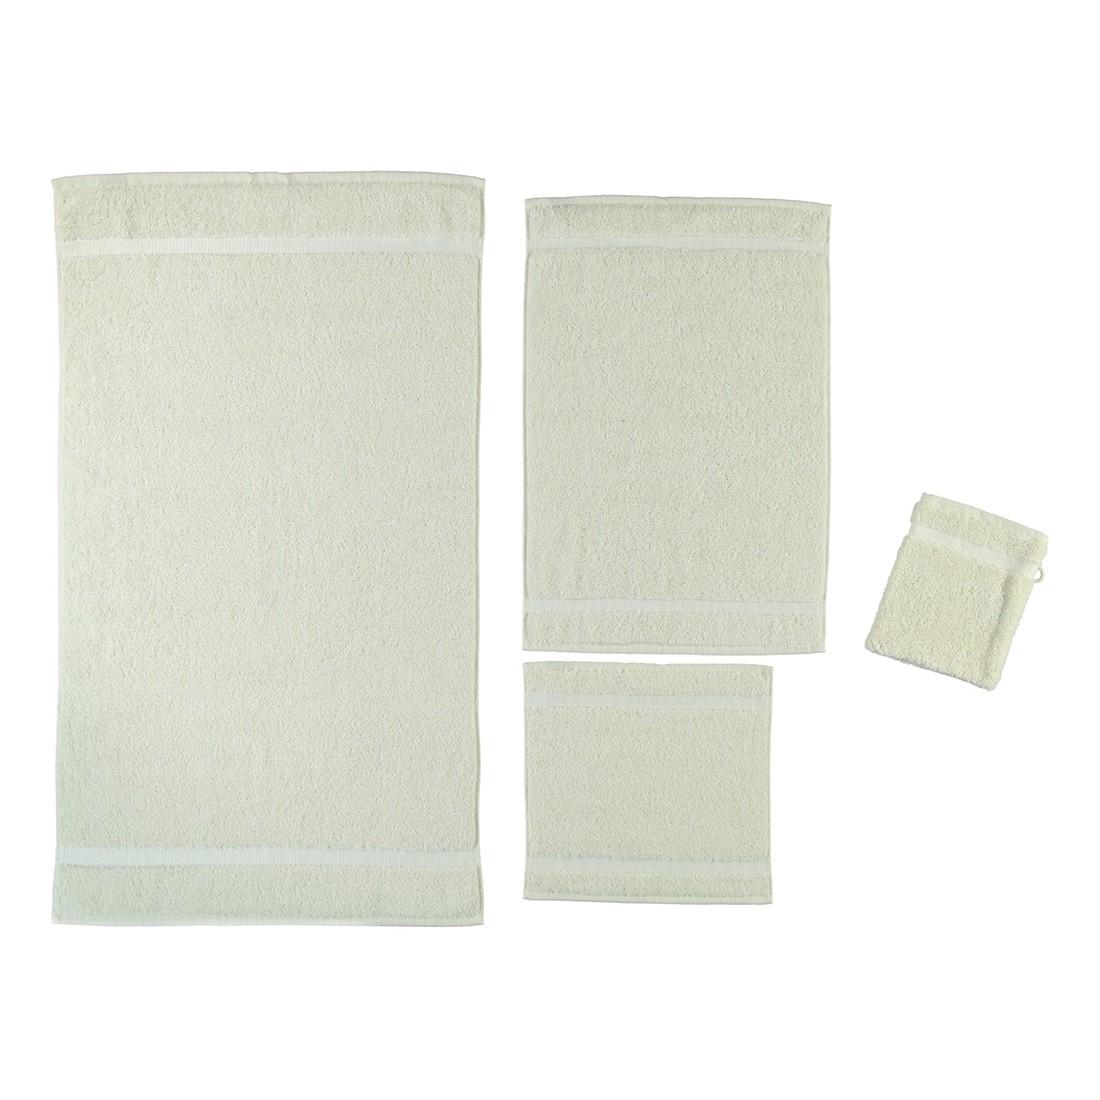 Handtuch Princess – 100% Baumwolle Natur-jasmin – 20 – Seiflappen: 30 x 30 cm, Rhomtuft günstig online kaufen